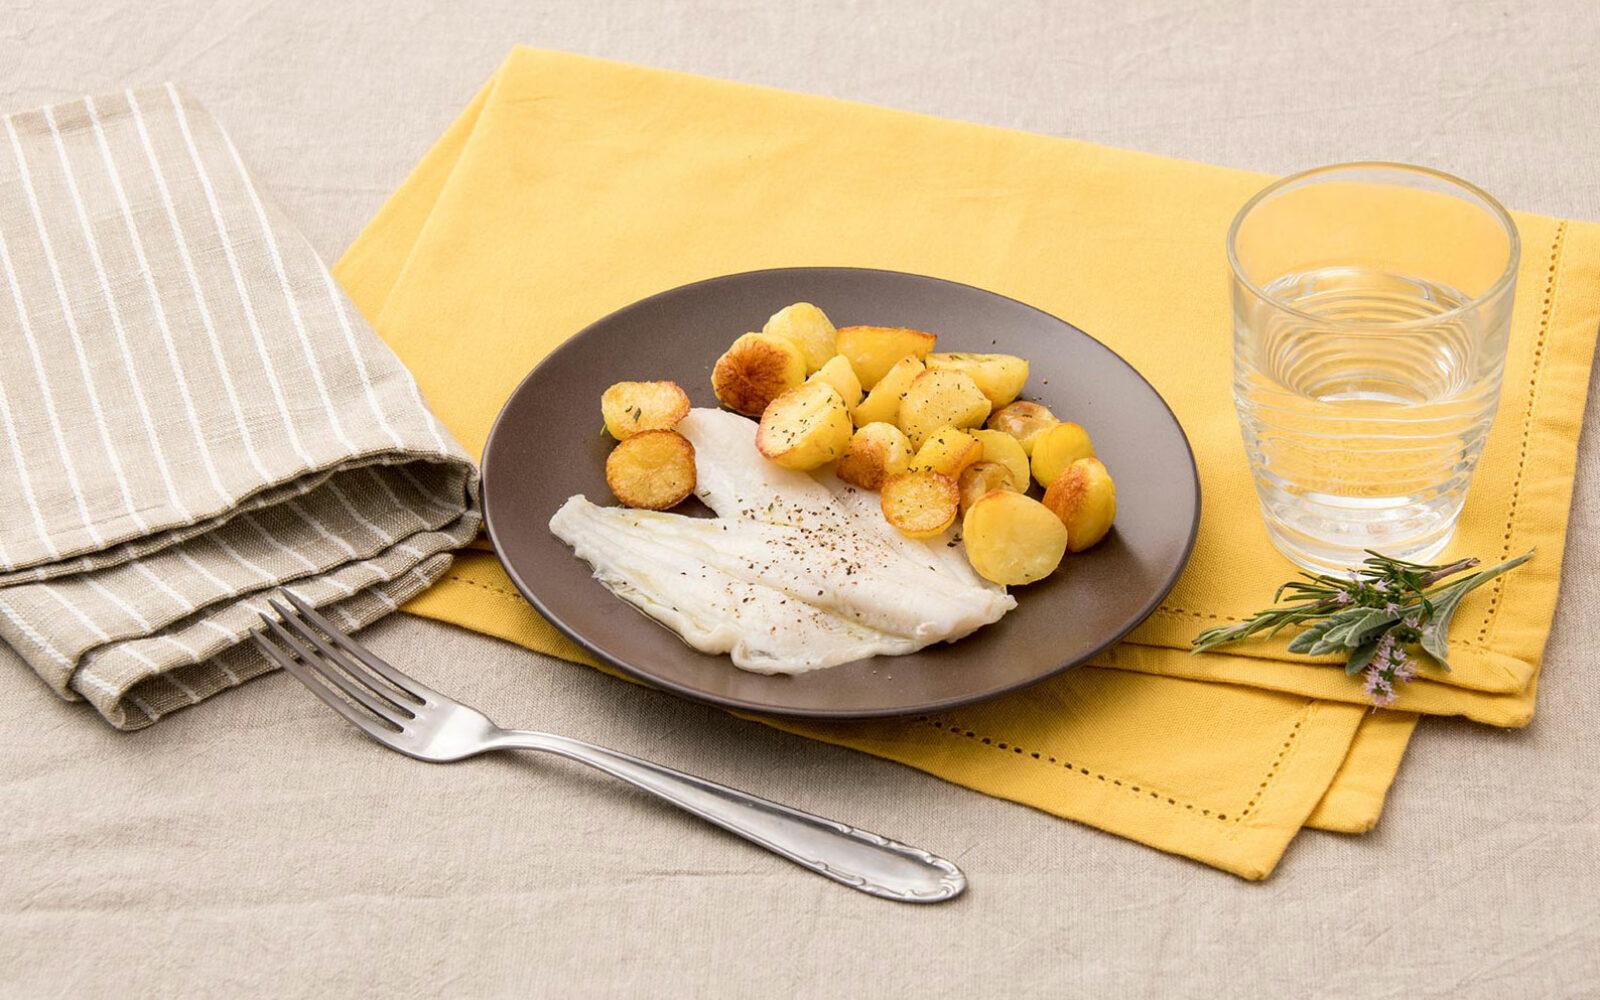 Filetti di platessa al forno con patate